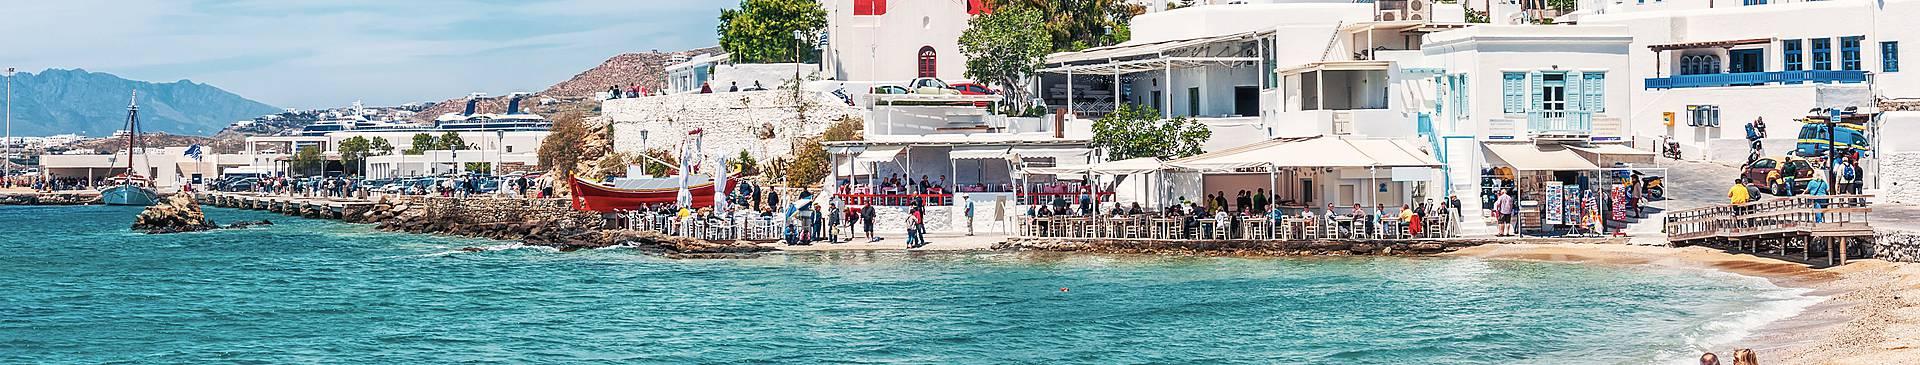 Strand und Meer Griechenland Reisen